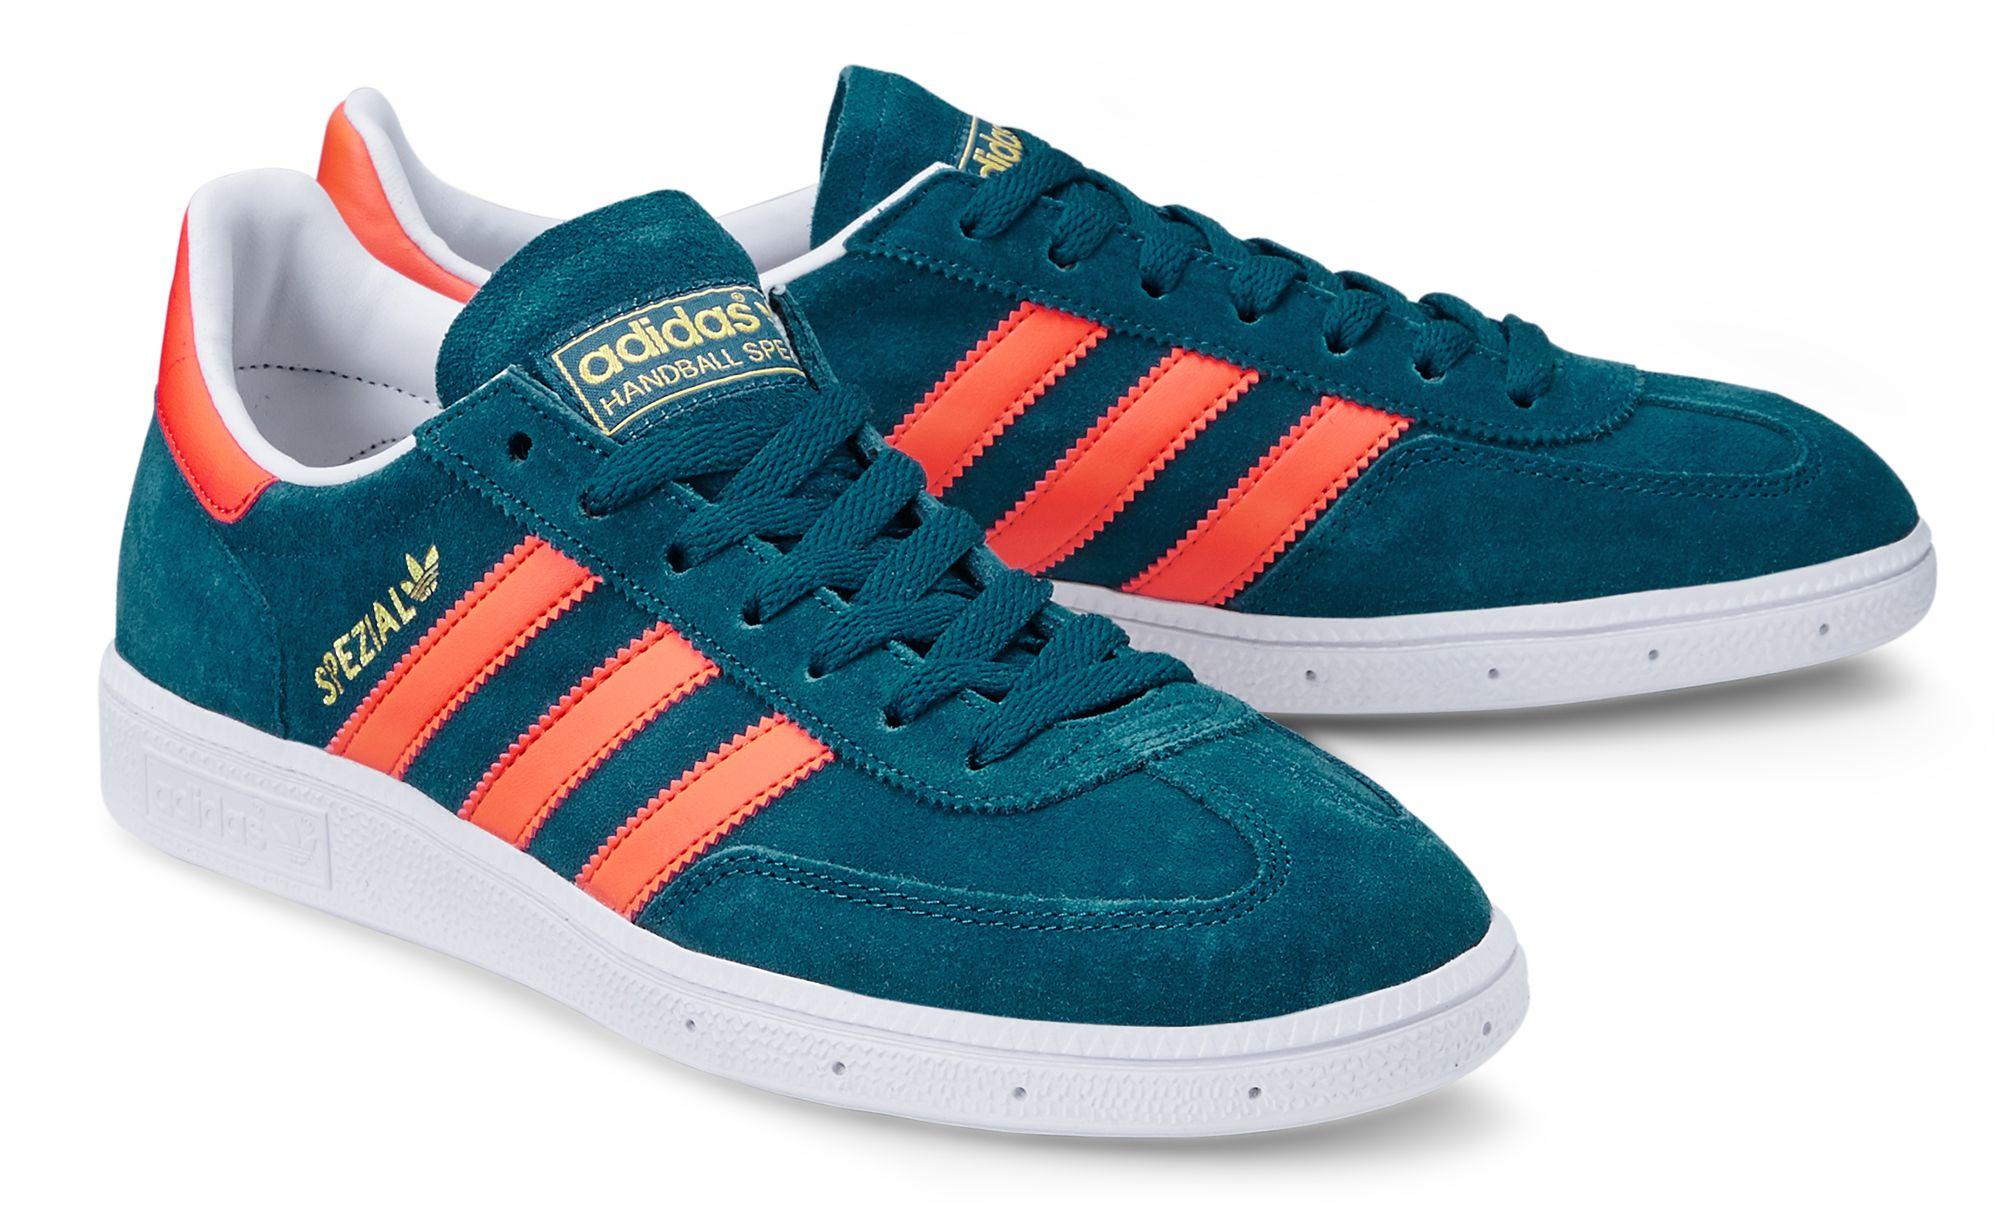 Beliebte Art Herren Adidas Originals blau dunkel Sneaker